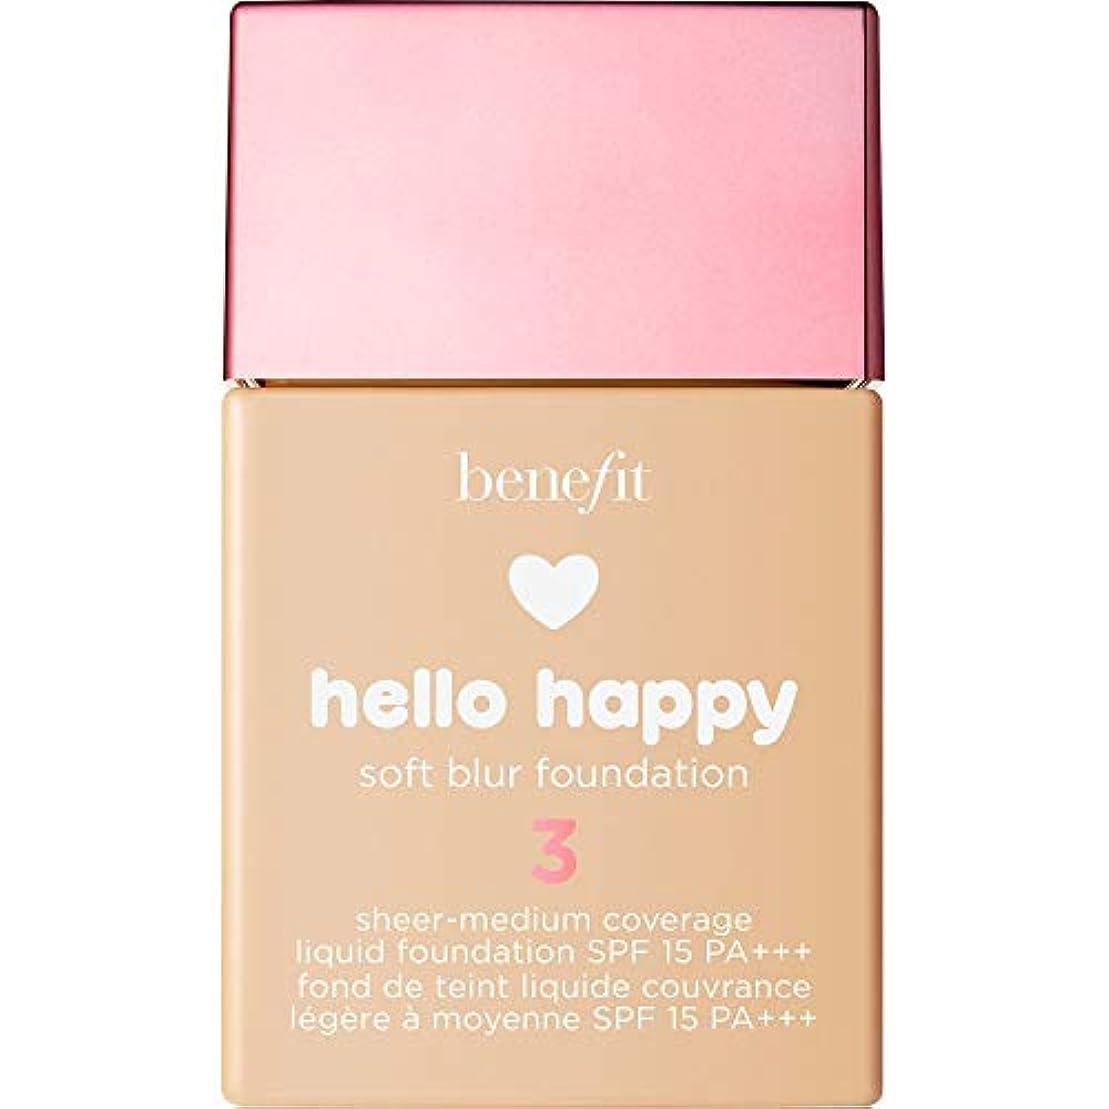 表向き地区消毒する[Benefit ] 利益こんにちは幸せなソフトブラー基礎Spf15 30ミリリットル3 - ニュートラルライト - Benefit Hello Happy Soft Blur Foundation SPF15 30ml...